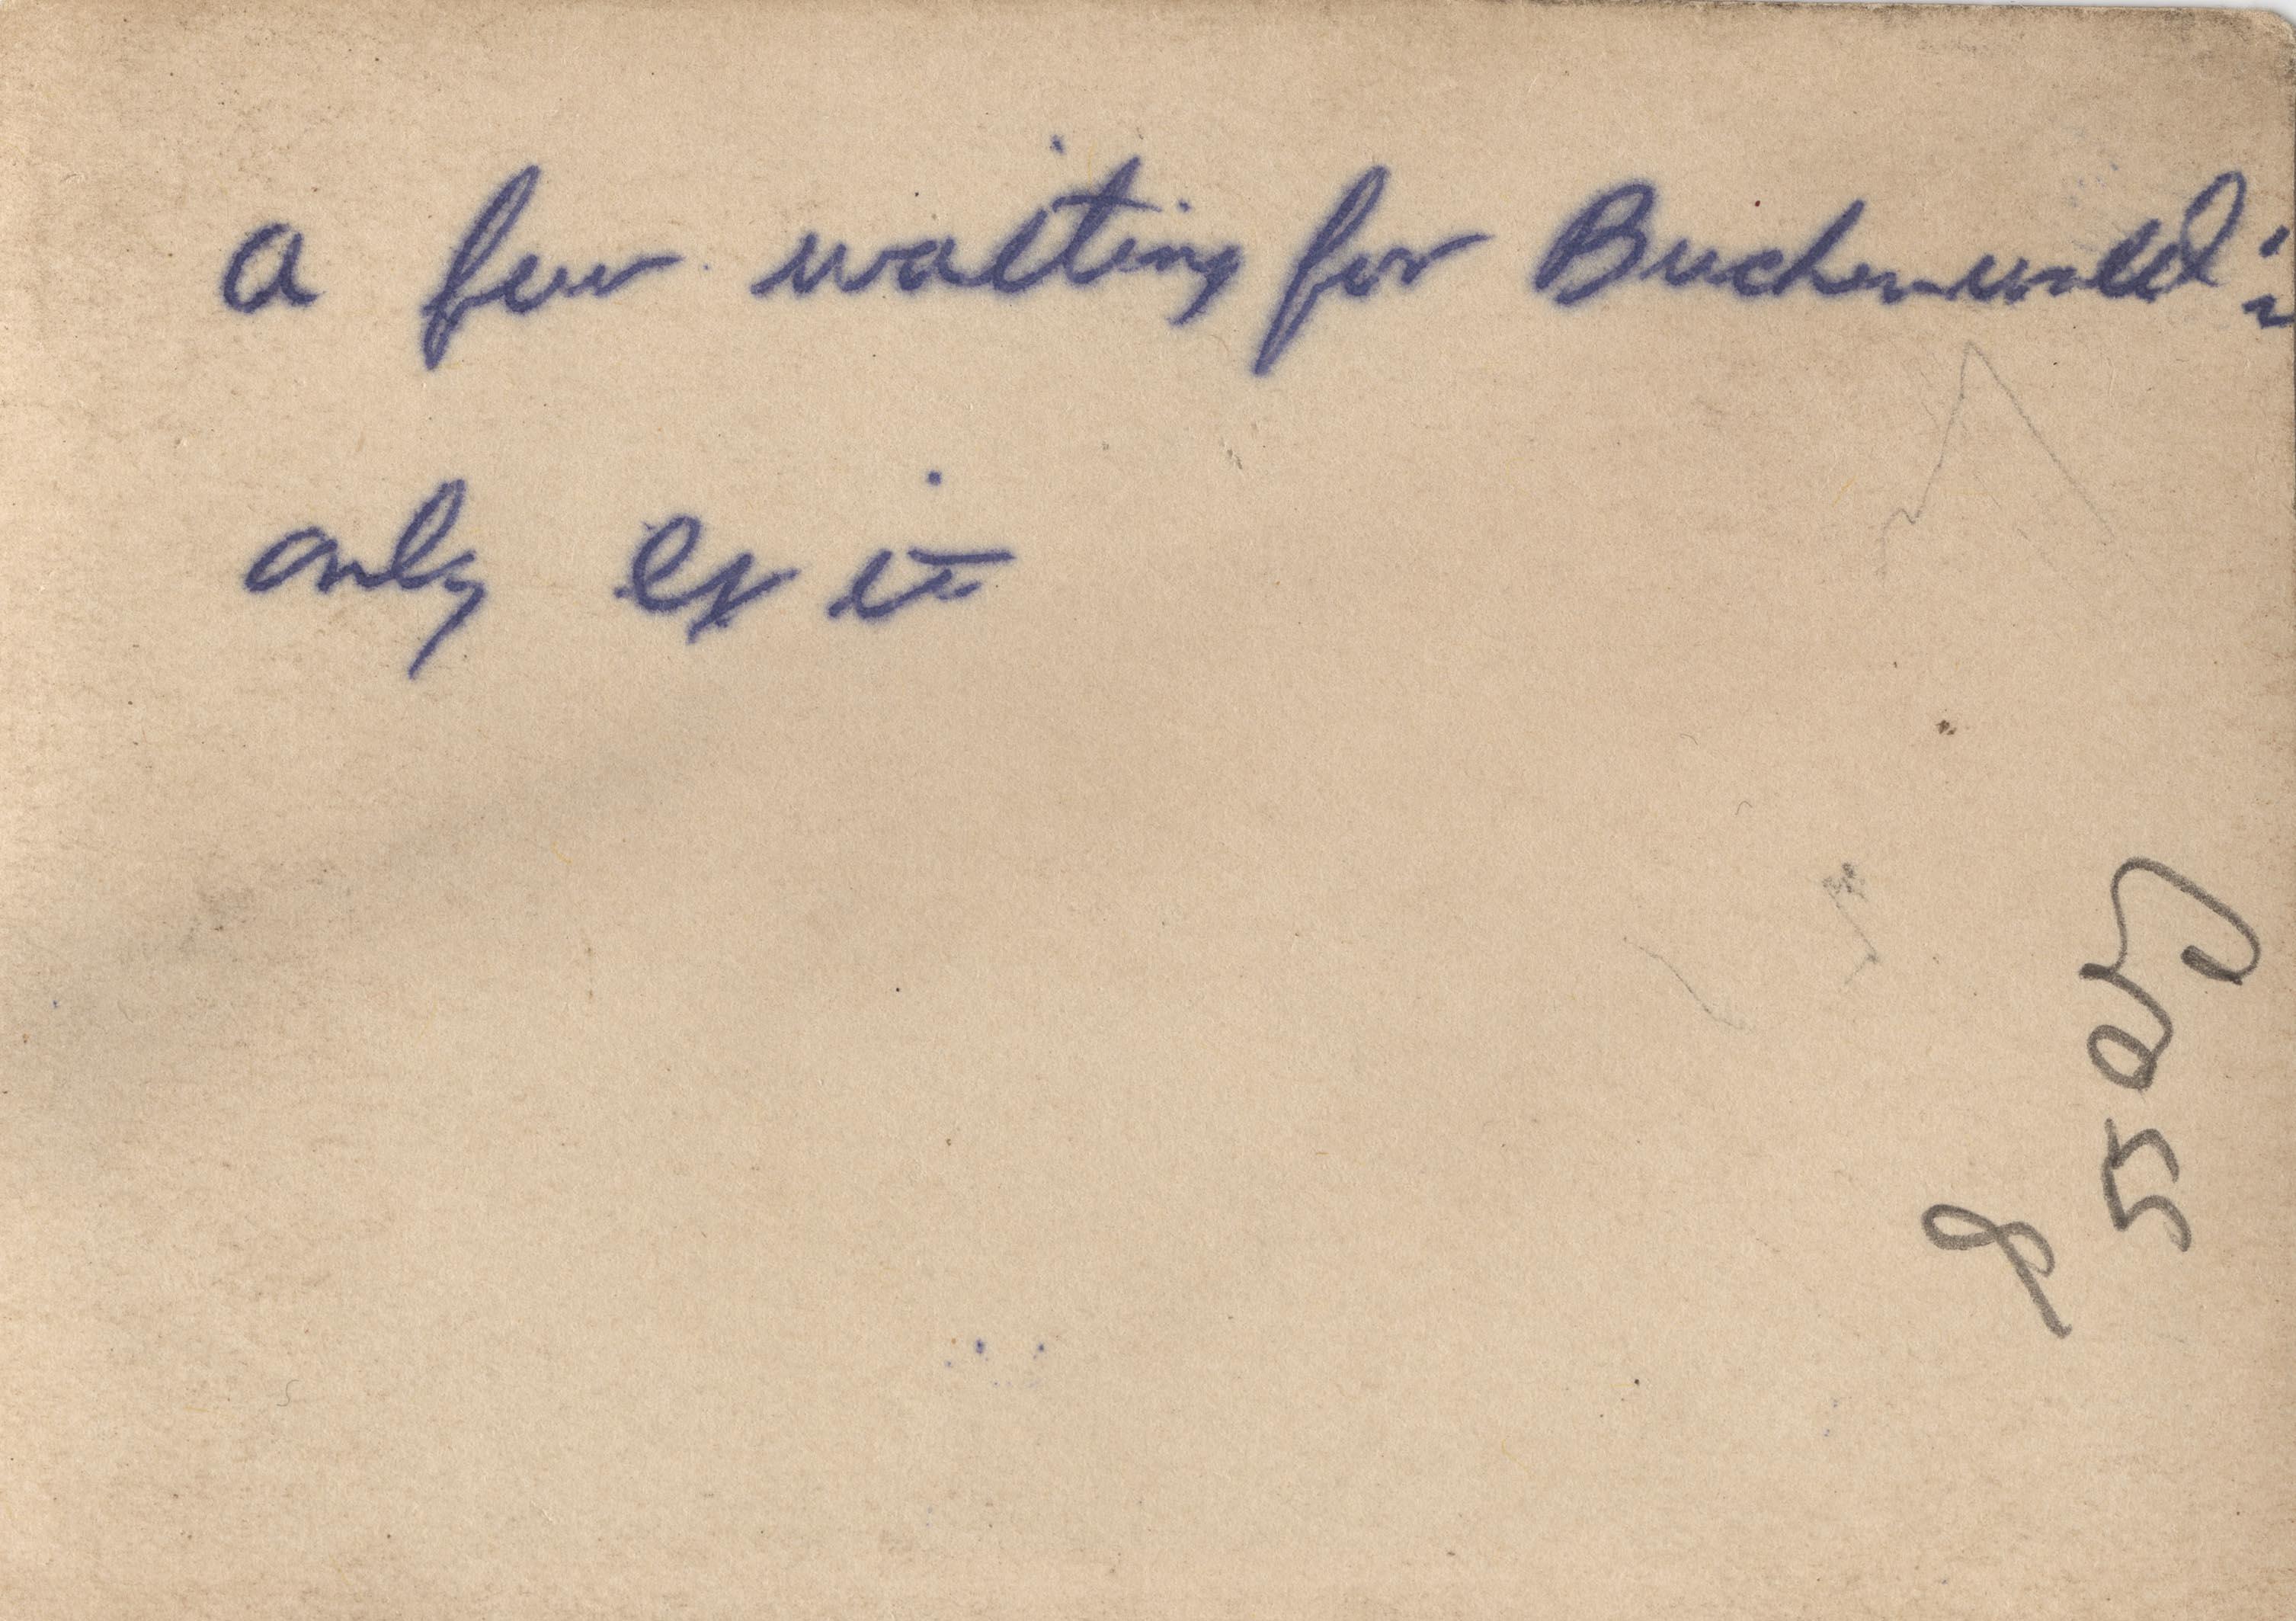 Buchenwald image 08, side 2